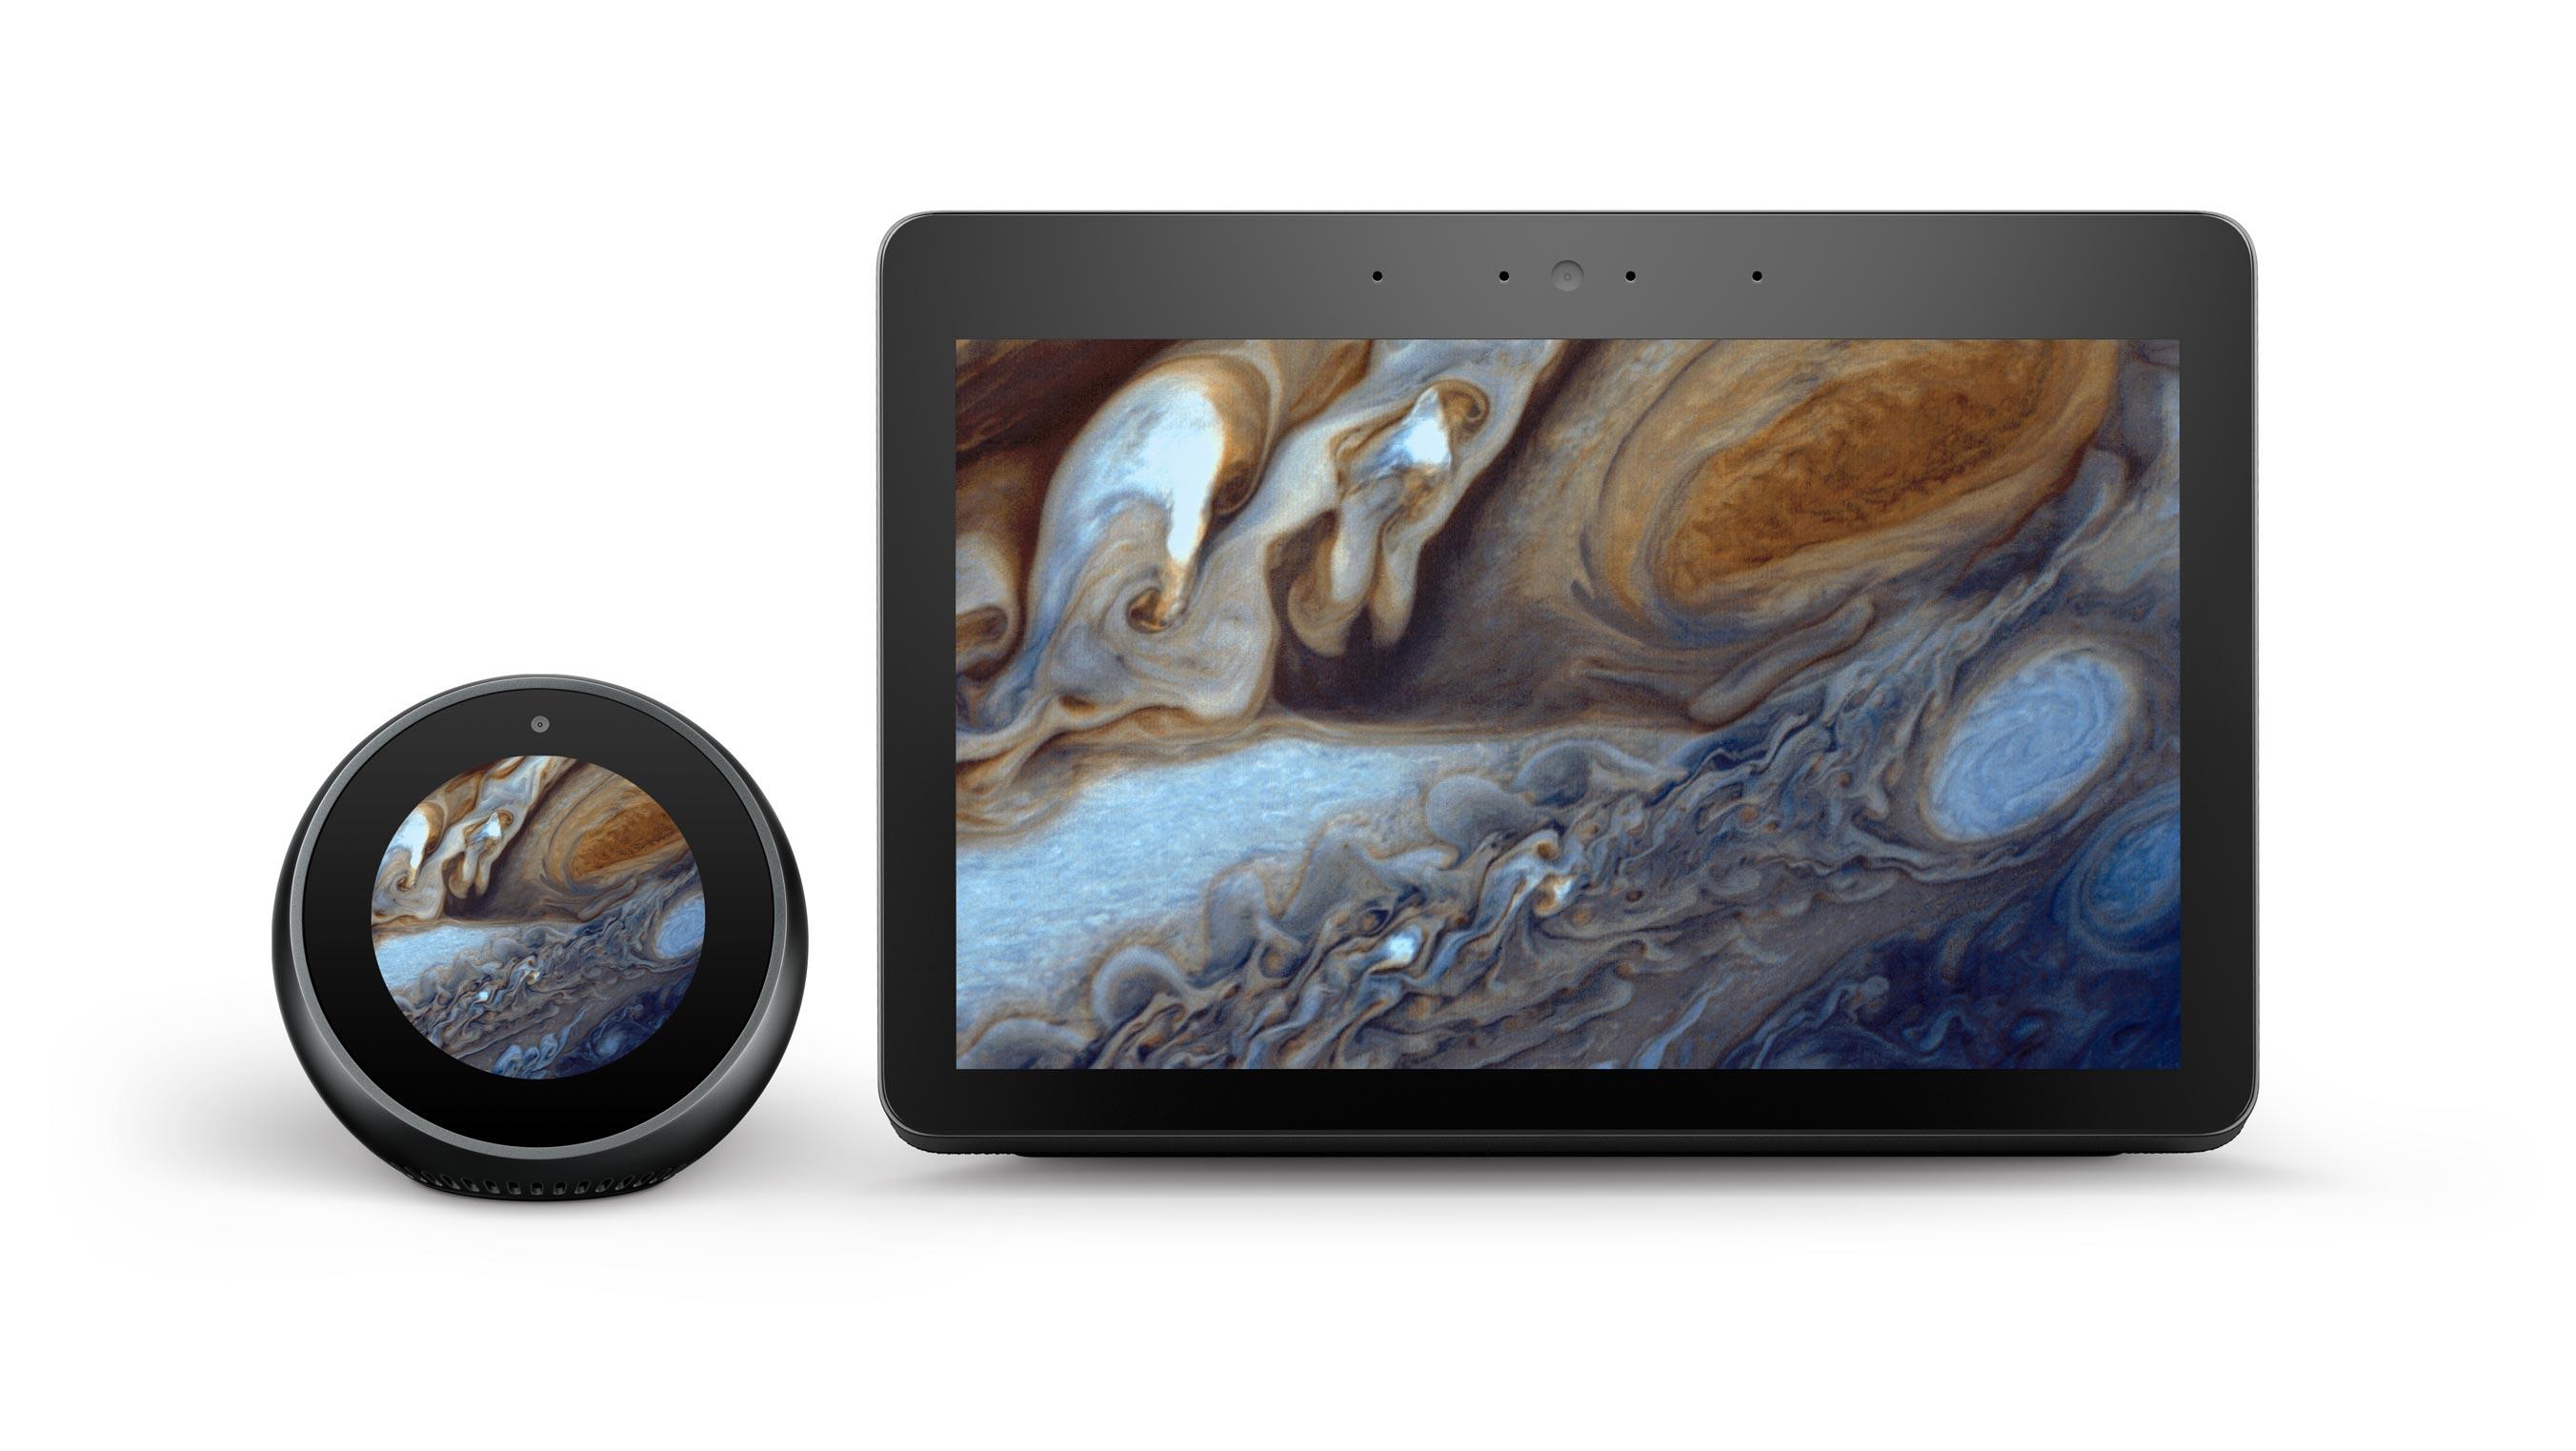 2台のハブデバイスでNASAの木星の画像を表示した例です。画面上にテキストなどのほかの要素はありません。